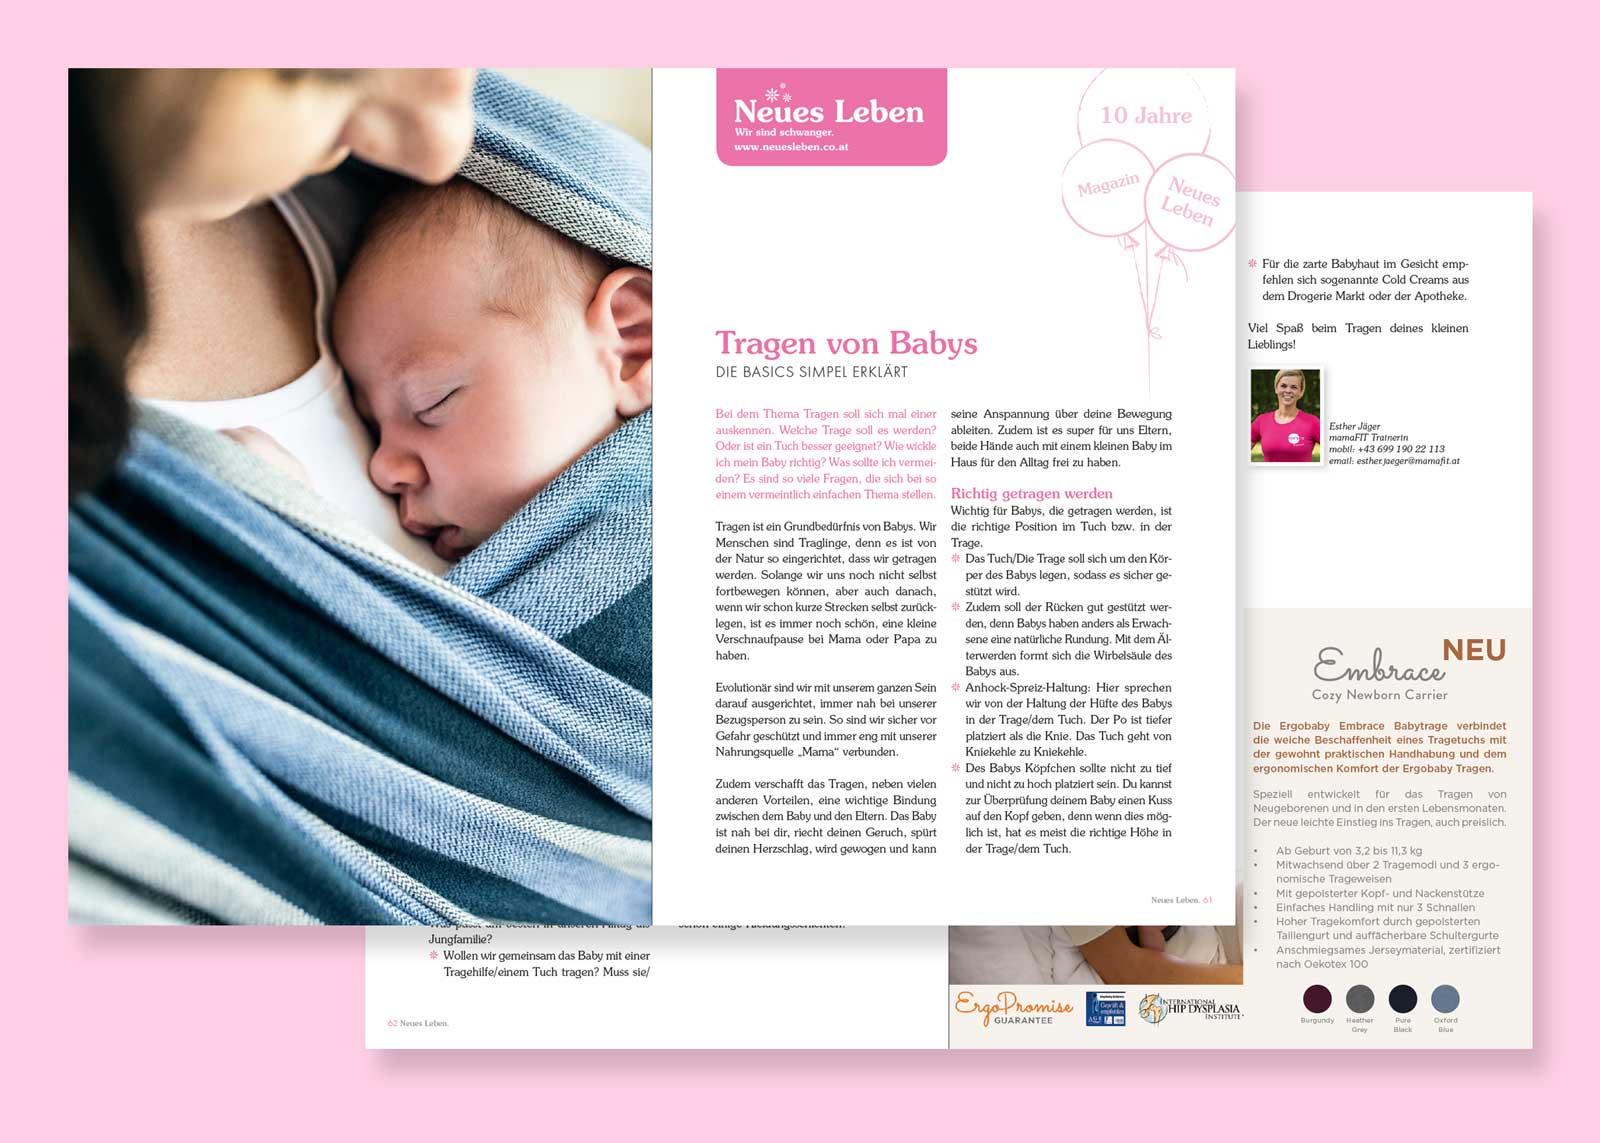 Tragen von Babys – Neues Leben